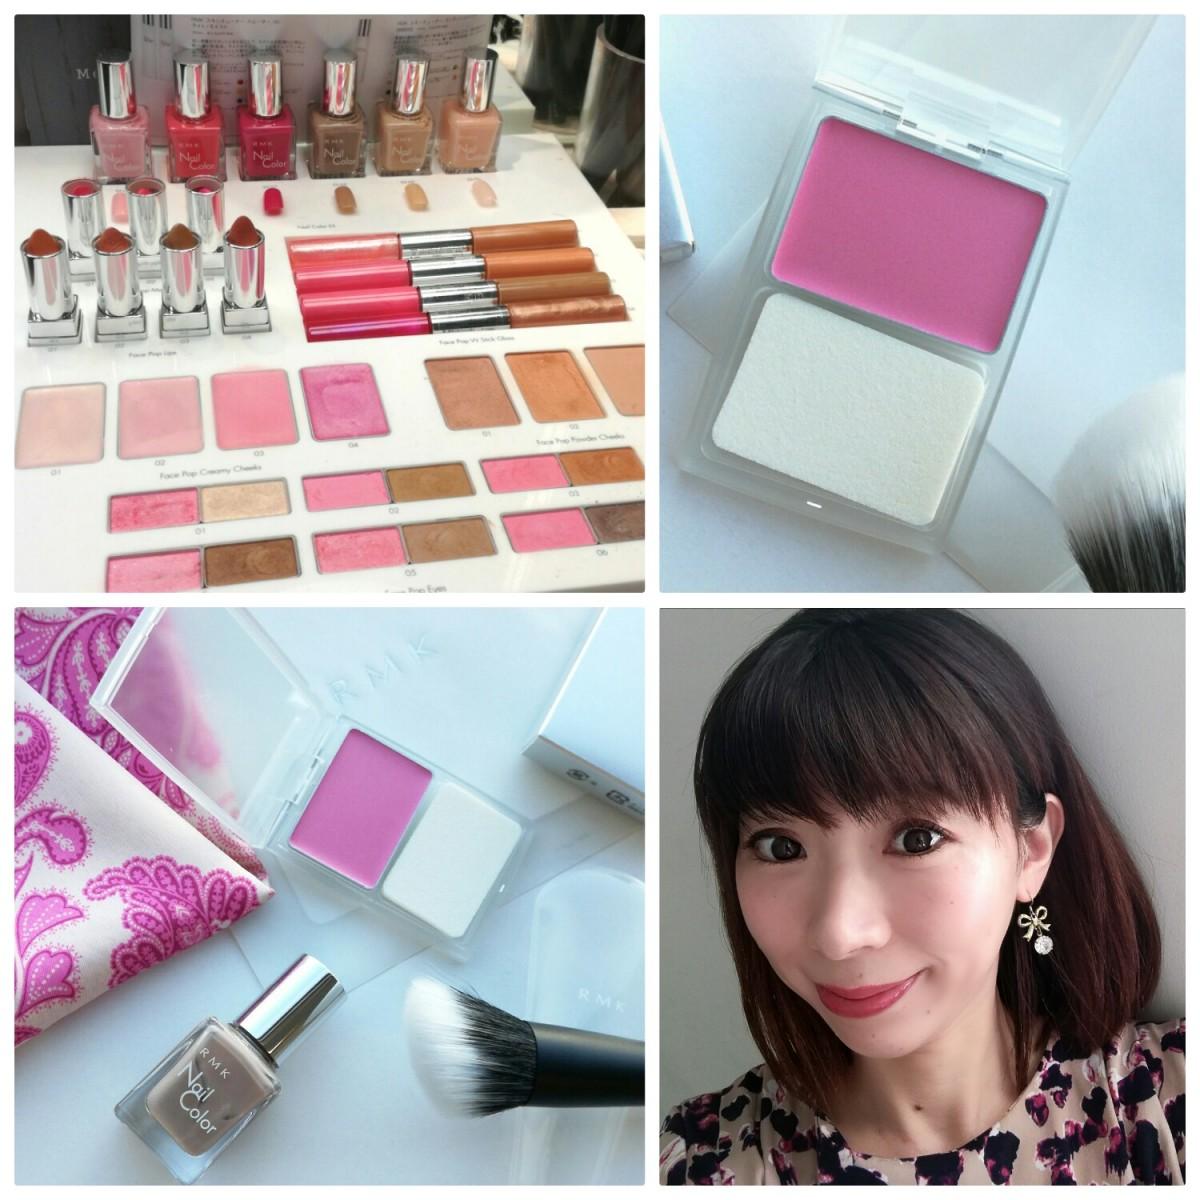 RMKの限定カラーに一目惚れ「ピンクとベージュ」で春夏トレンドメイク♡  #rmkcolorchange